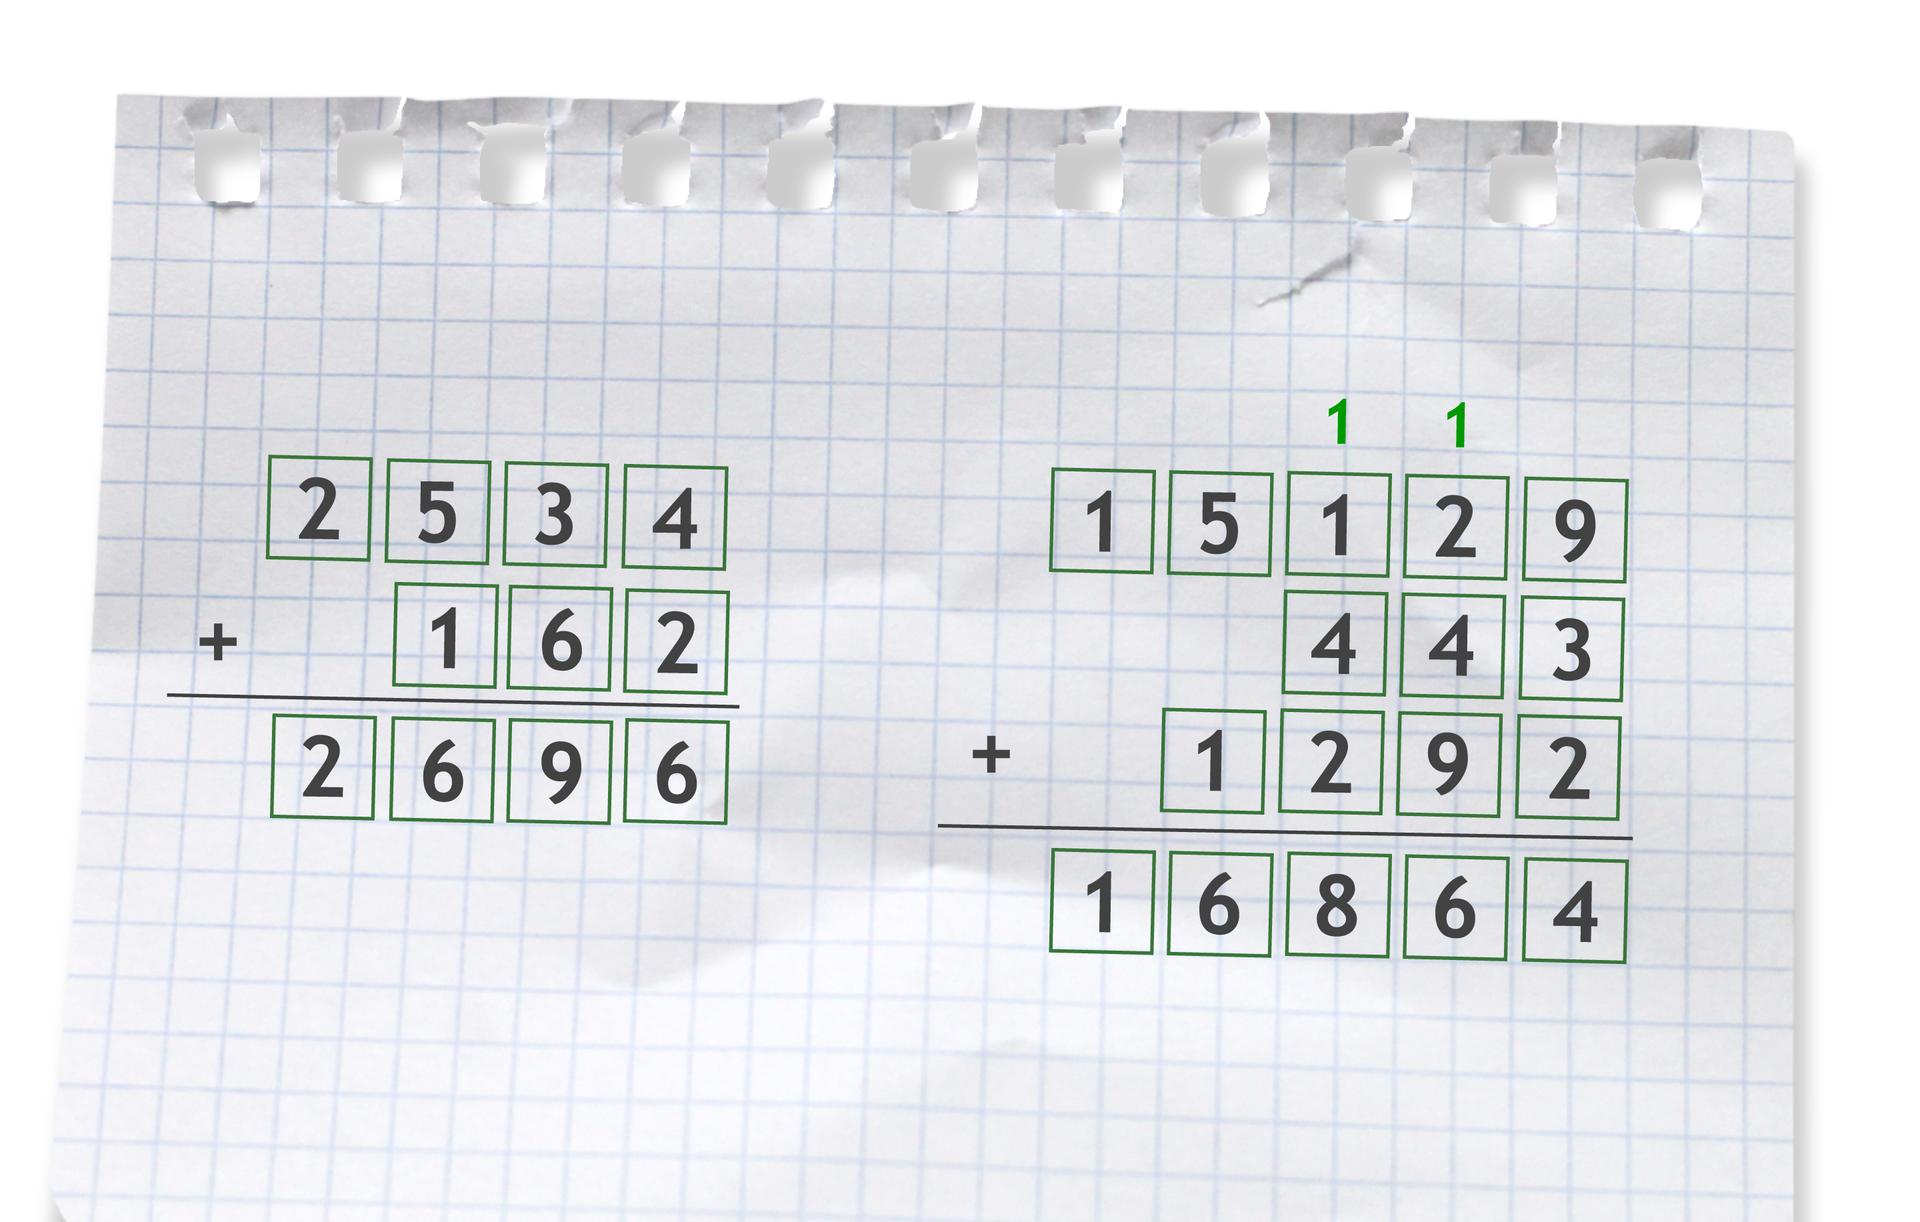 Przykłady dwóch działań pisemnych: pierwszy: 2534 +162 = 2696, drugi: 15129 +443 +1292 =16864.